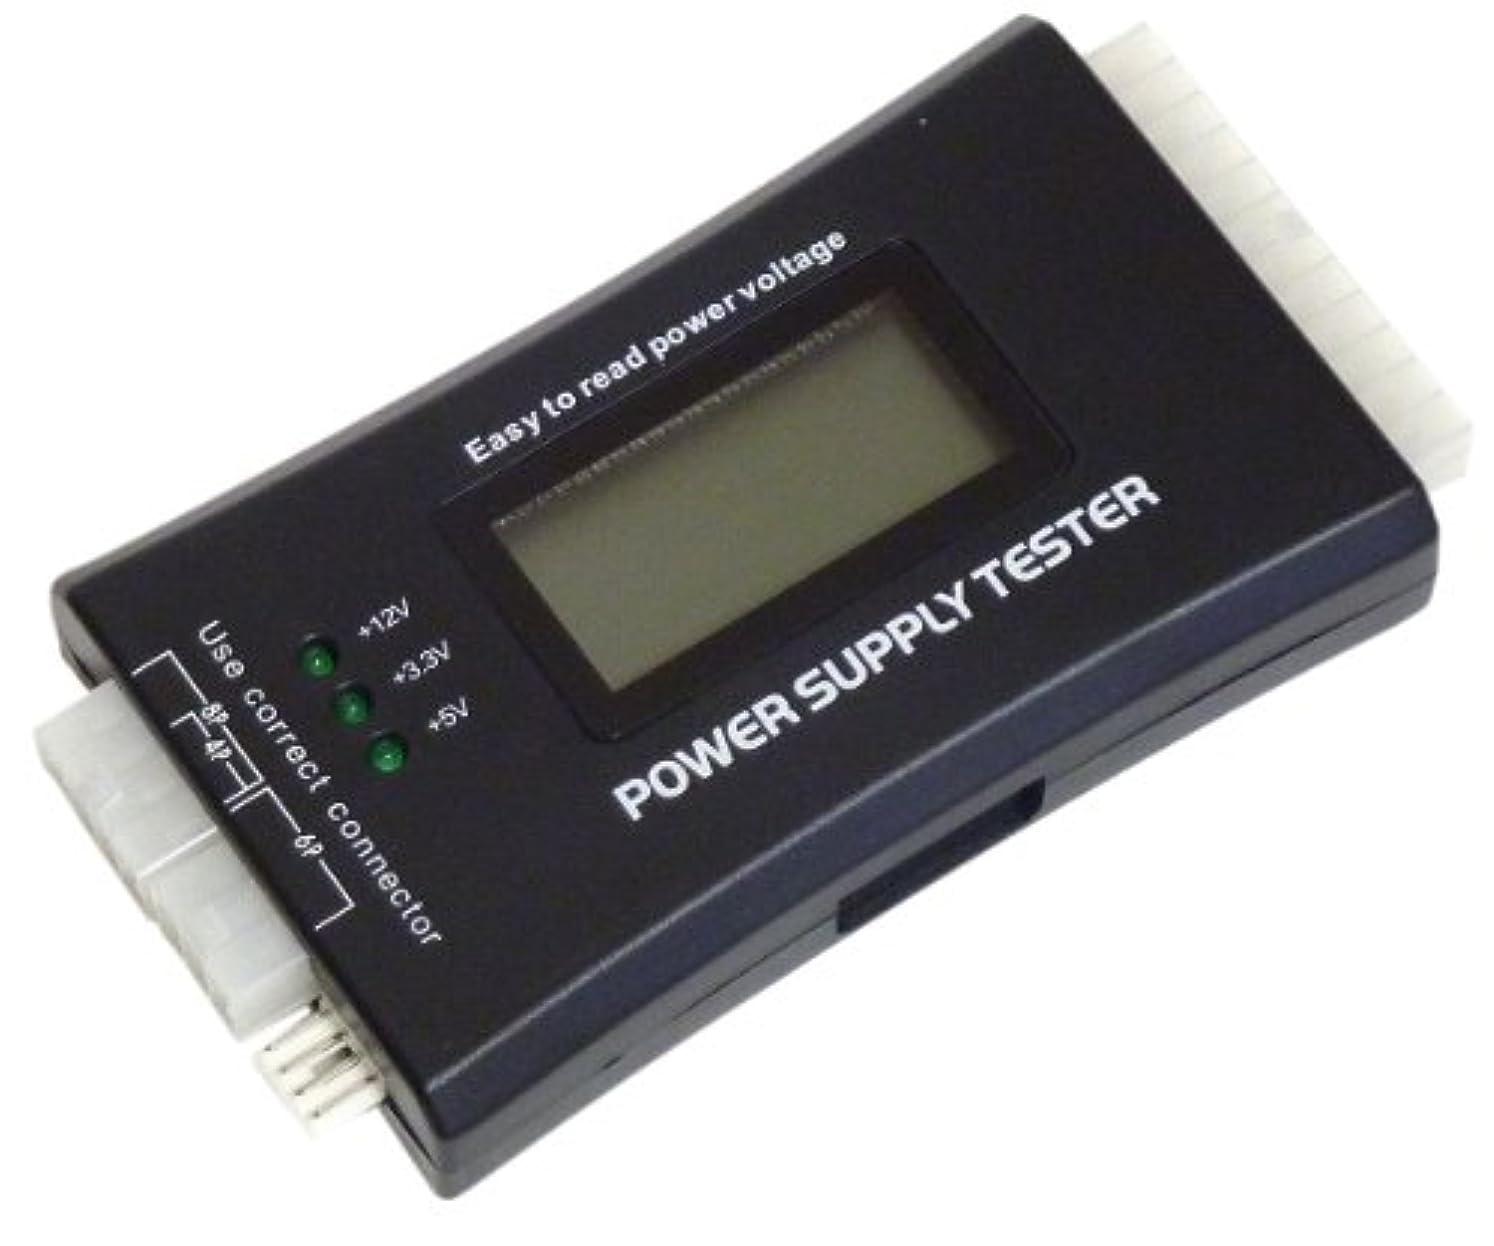 収容する抑制プログレッシブMacLab. PC 電源 テスター パソコン 電源用 電圧 チェッカー PCI-EXPRESS/S-ATA 対応 簡易使用説明書付き